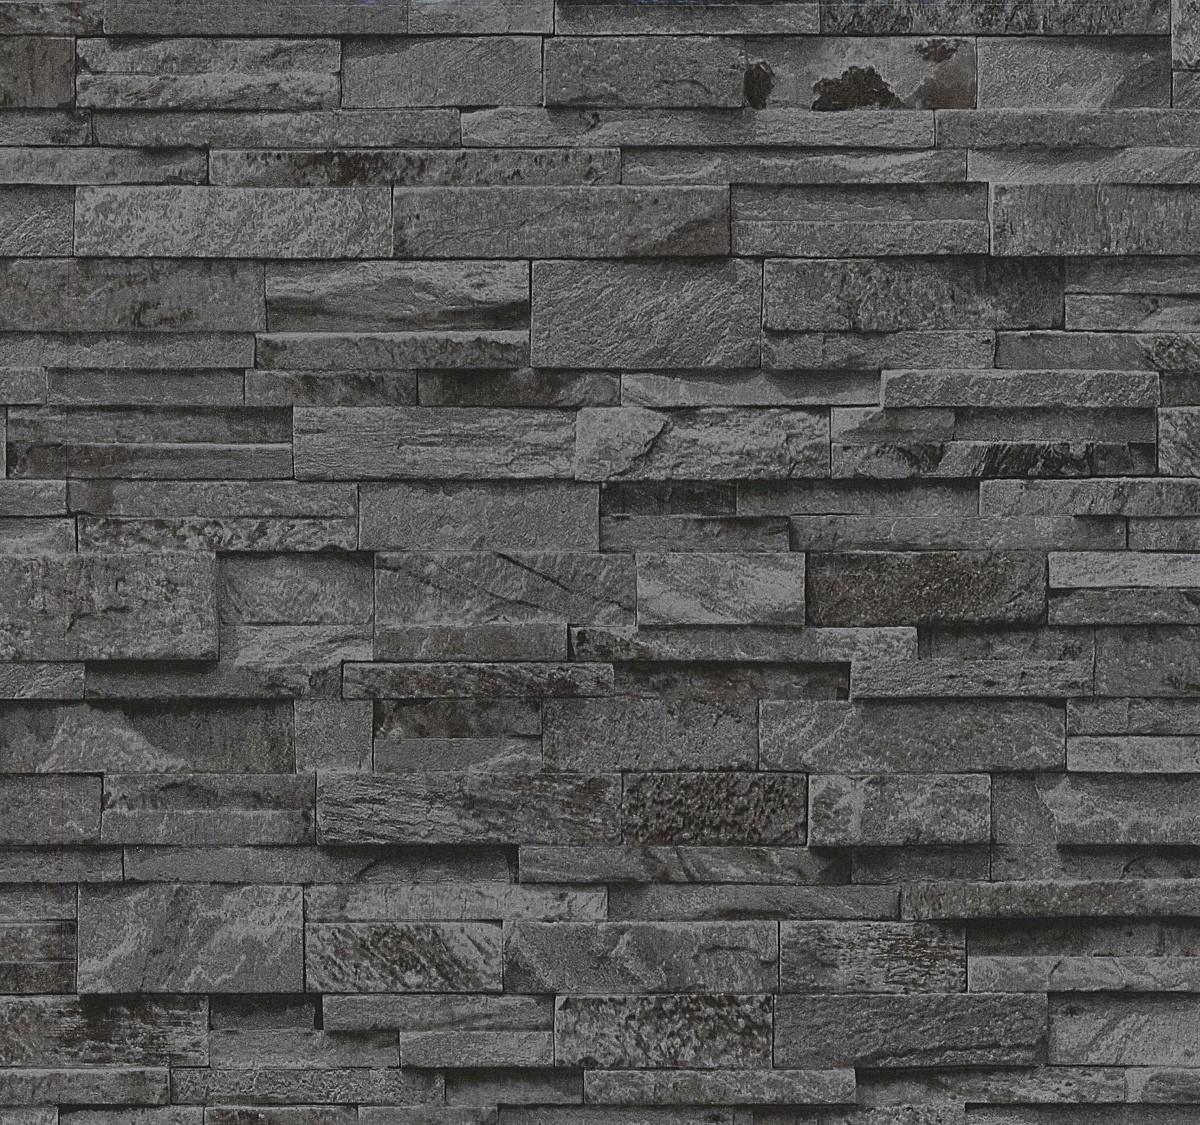 Vliestapete Stein 3D Optik Schwarz Grau Mauer P+S 02363 40 001